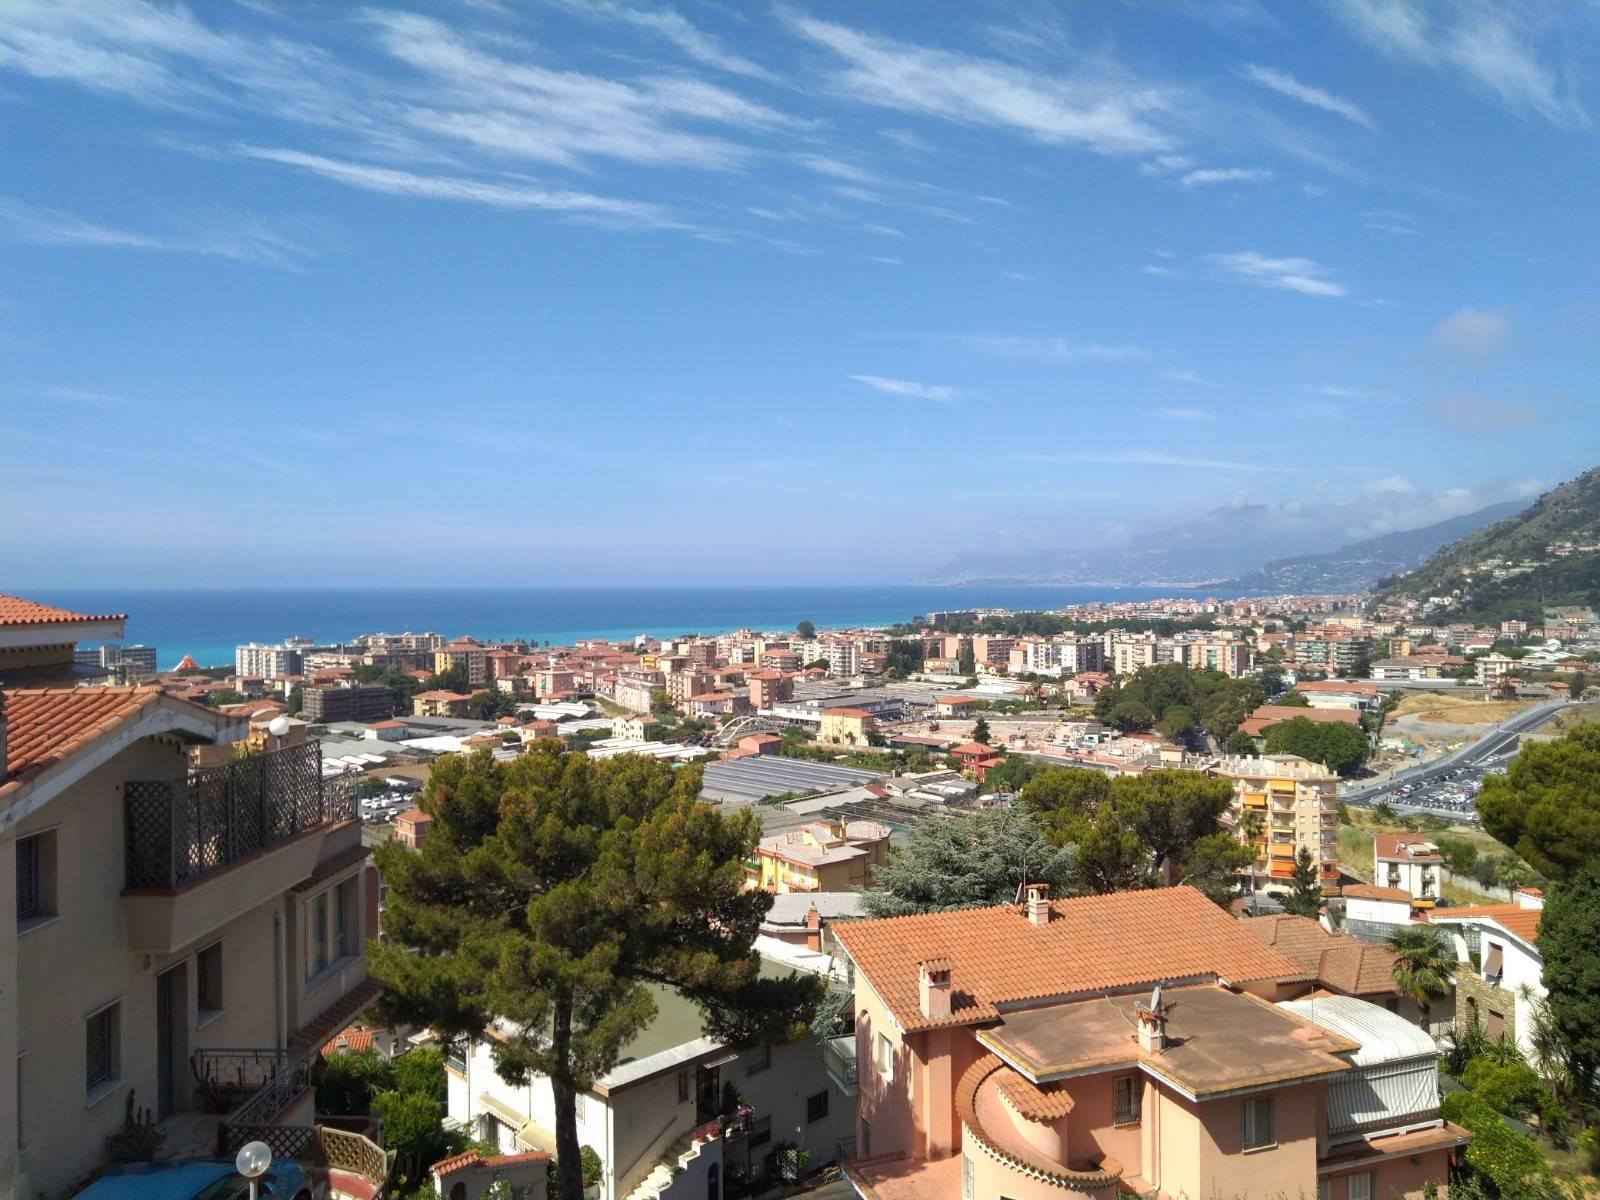 Appartamento in vendita a Vallecrosia, 3 locali, prezzo € 270.000 | PortaleAgenzieImmobiliari.it